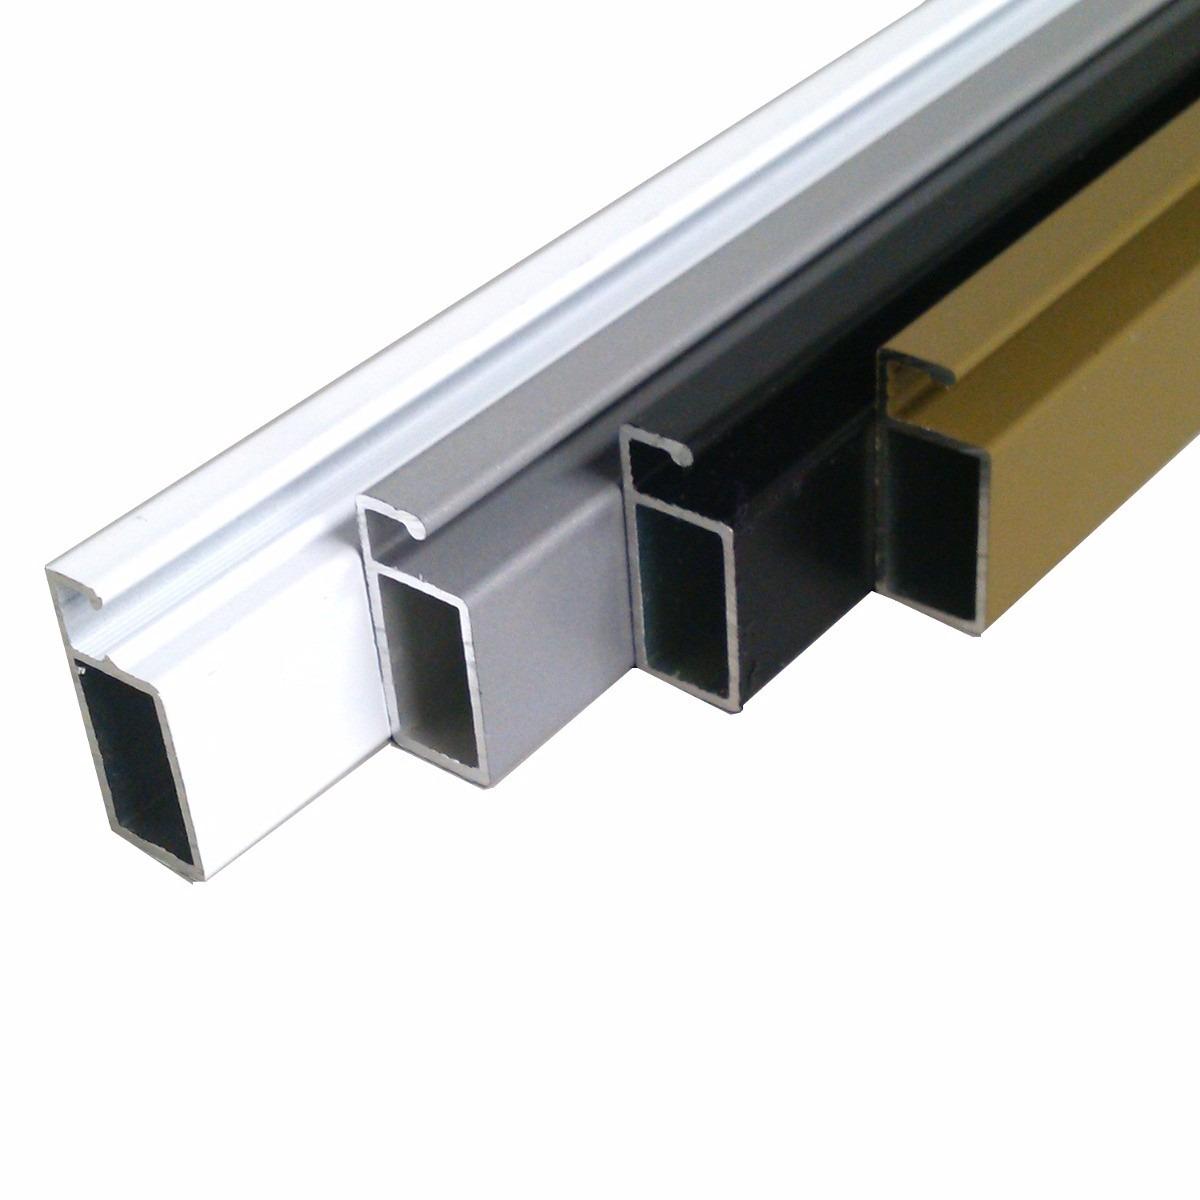 Montar tela mosquiteira perfil alum nio r 9 00 metro r - Tela mosquitera aluminio ...